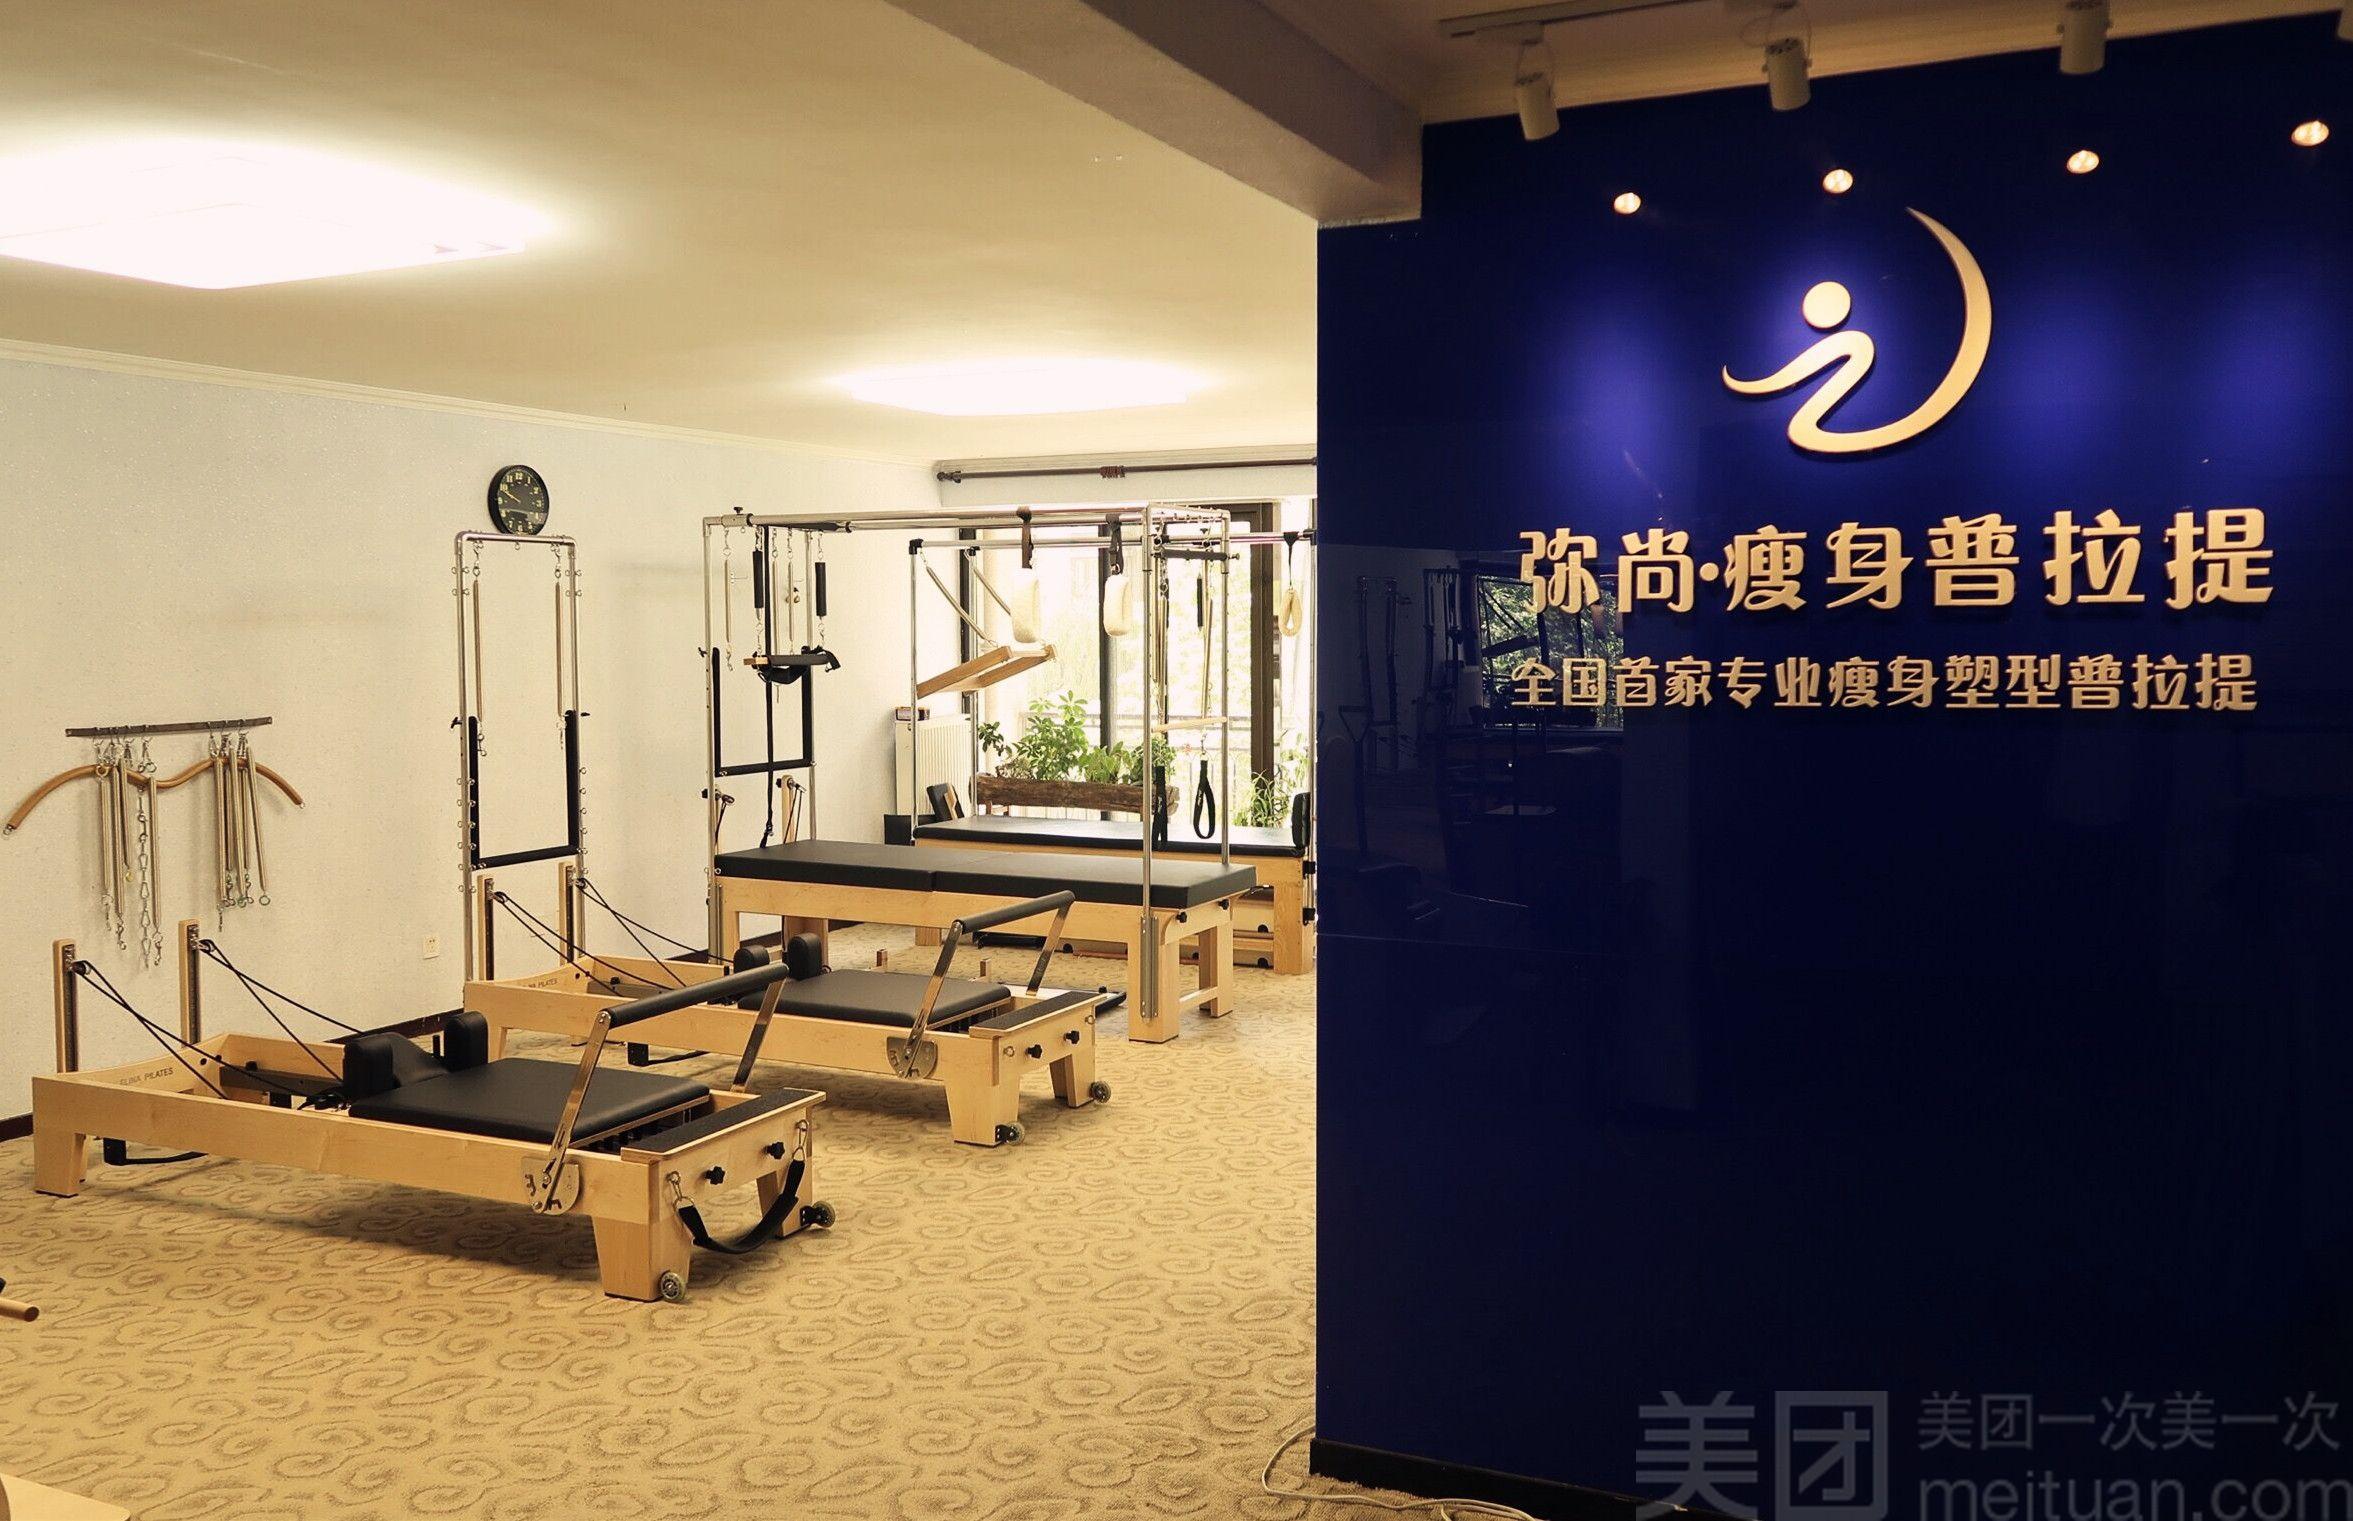 弥尚·瘦身普拉提私人健身工作室怎么样_团购弥尚·室